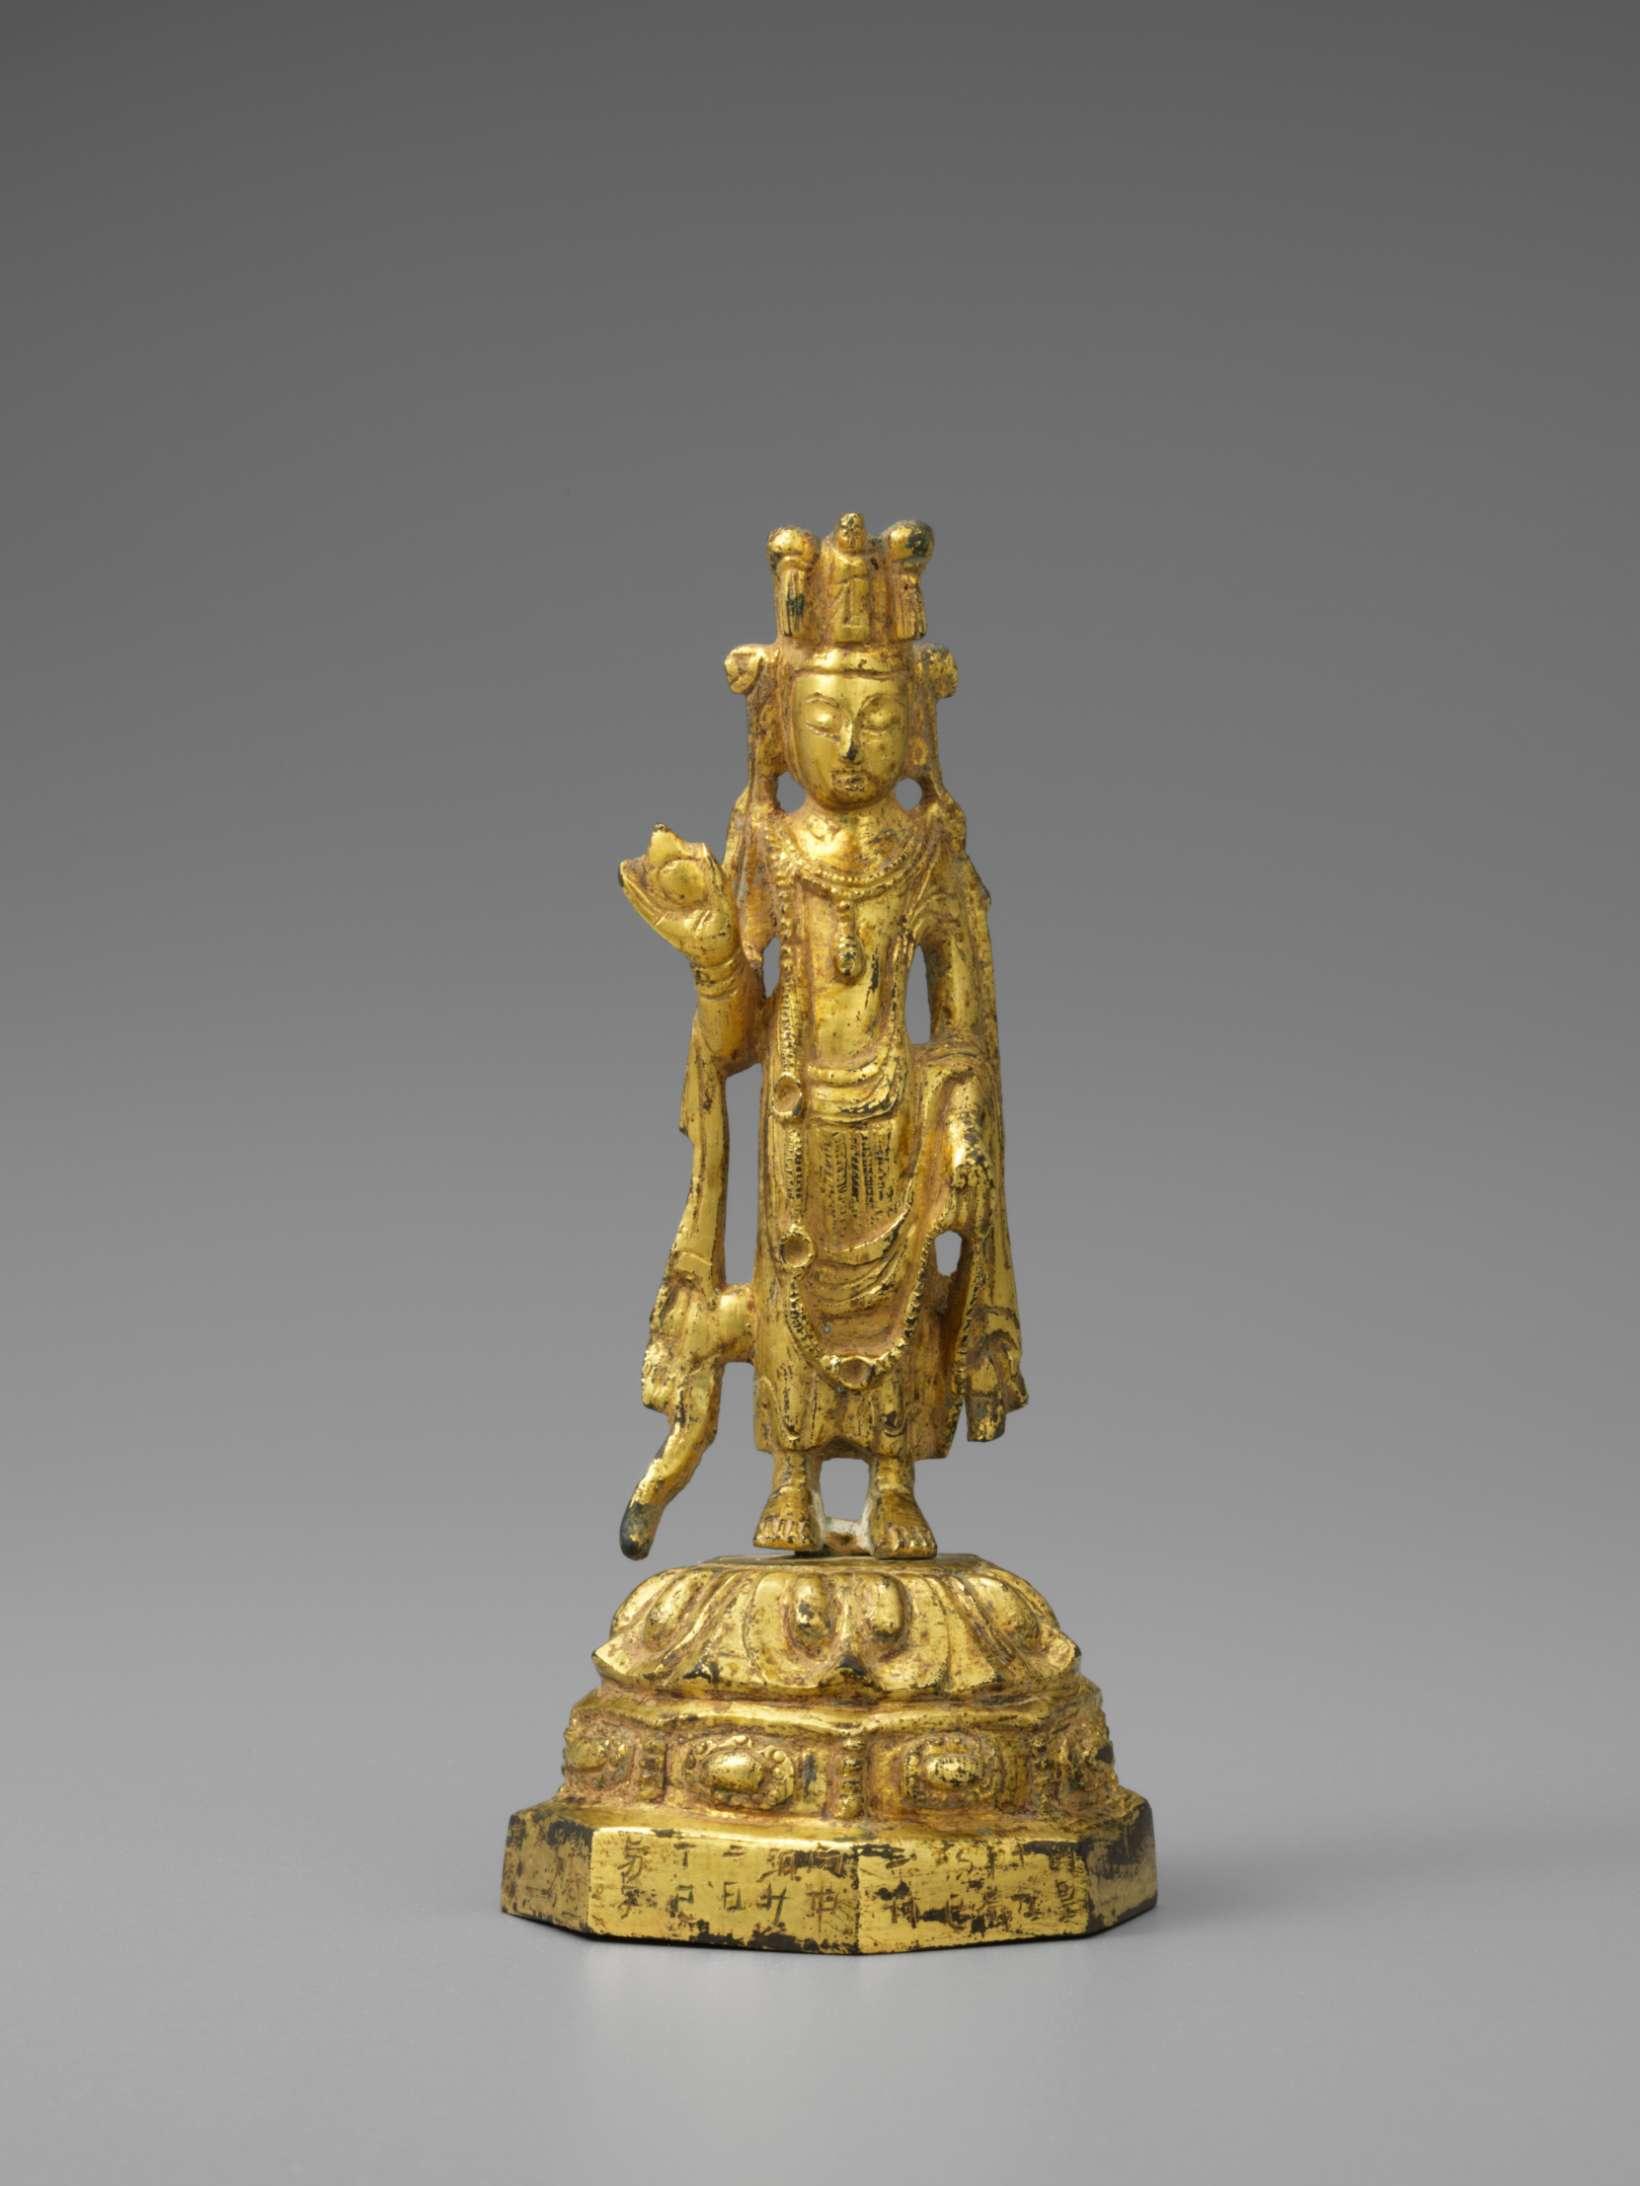 鍍金菩薩像 隋時代 開皇十九年銘(599)H.13.4㎝